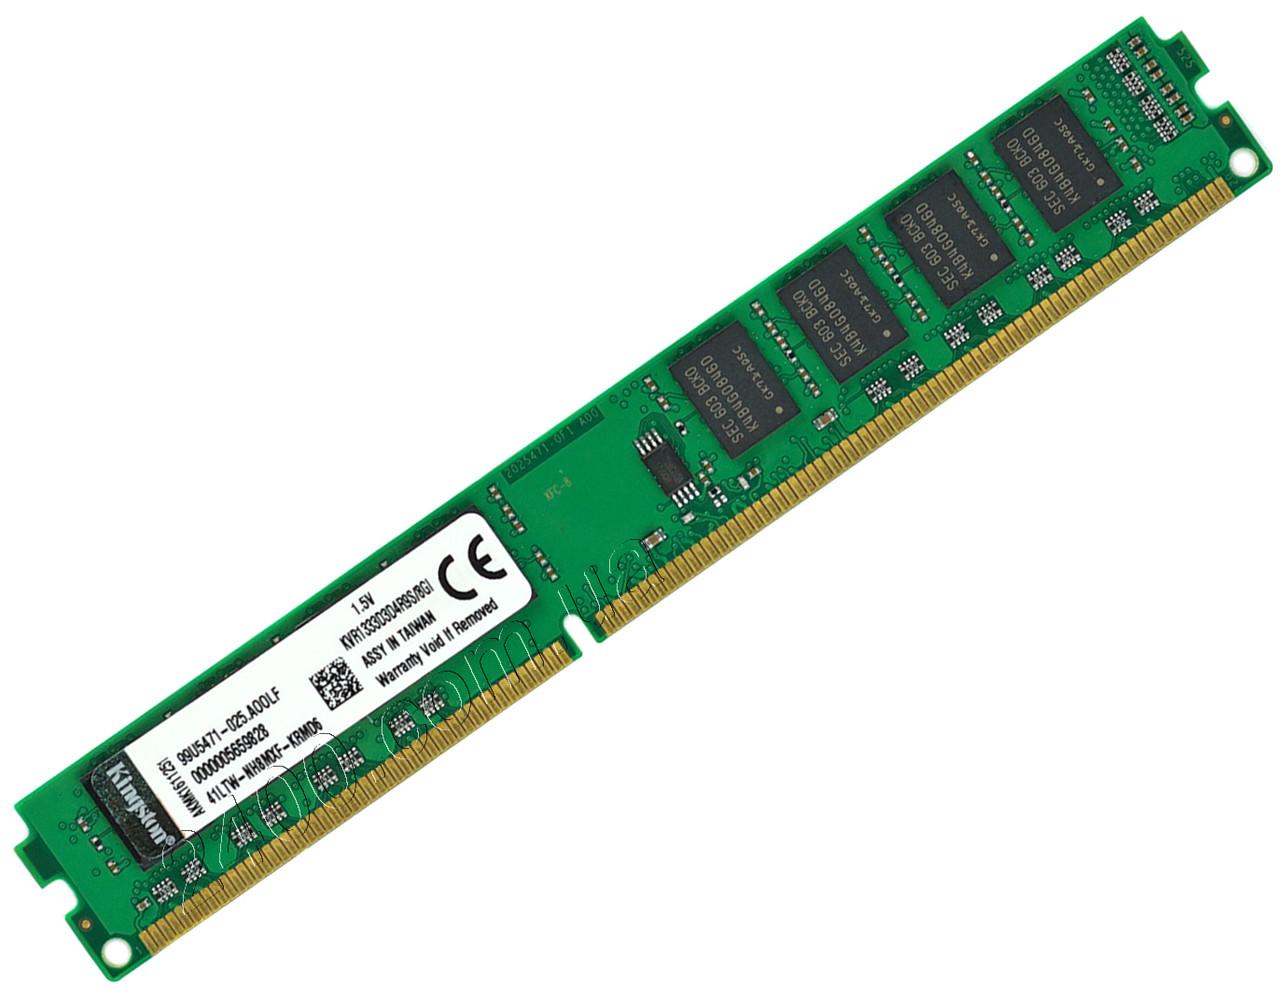 DDR3 8Gb оперативна пам'ять PC3-10600 1333МГц універсальна, для INTEL і AMD ДДР3 8 Гб KVR1333D3D4R9S/8GI